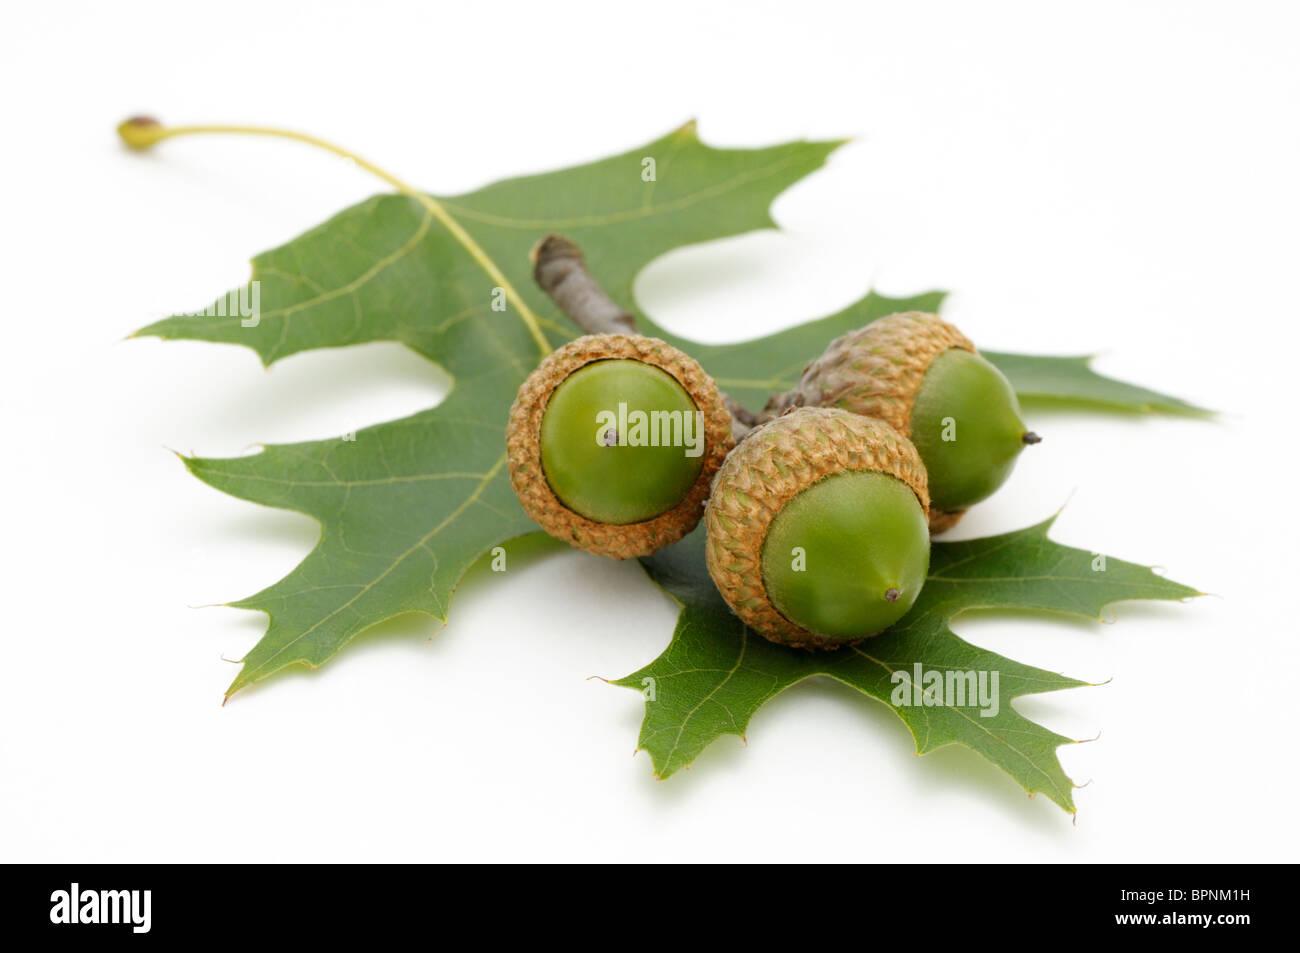 Trois Glands et une feuille de chêne rouge d'Amérique, Quercus rubra. Photo Stock